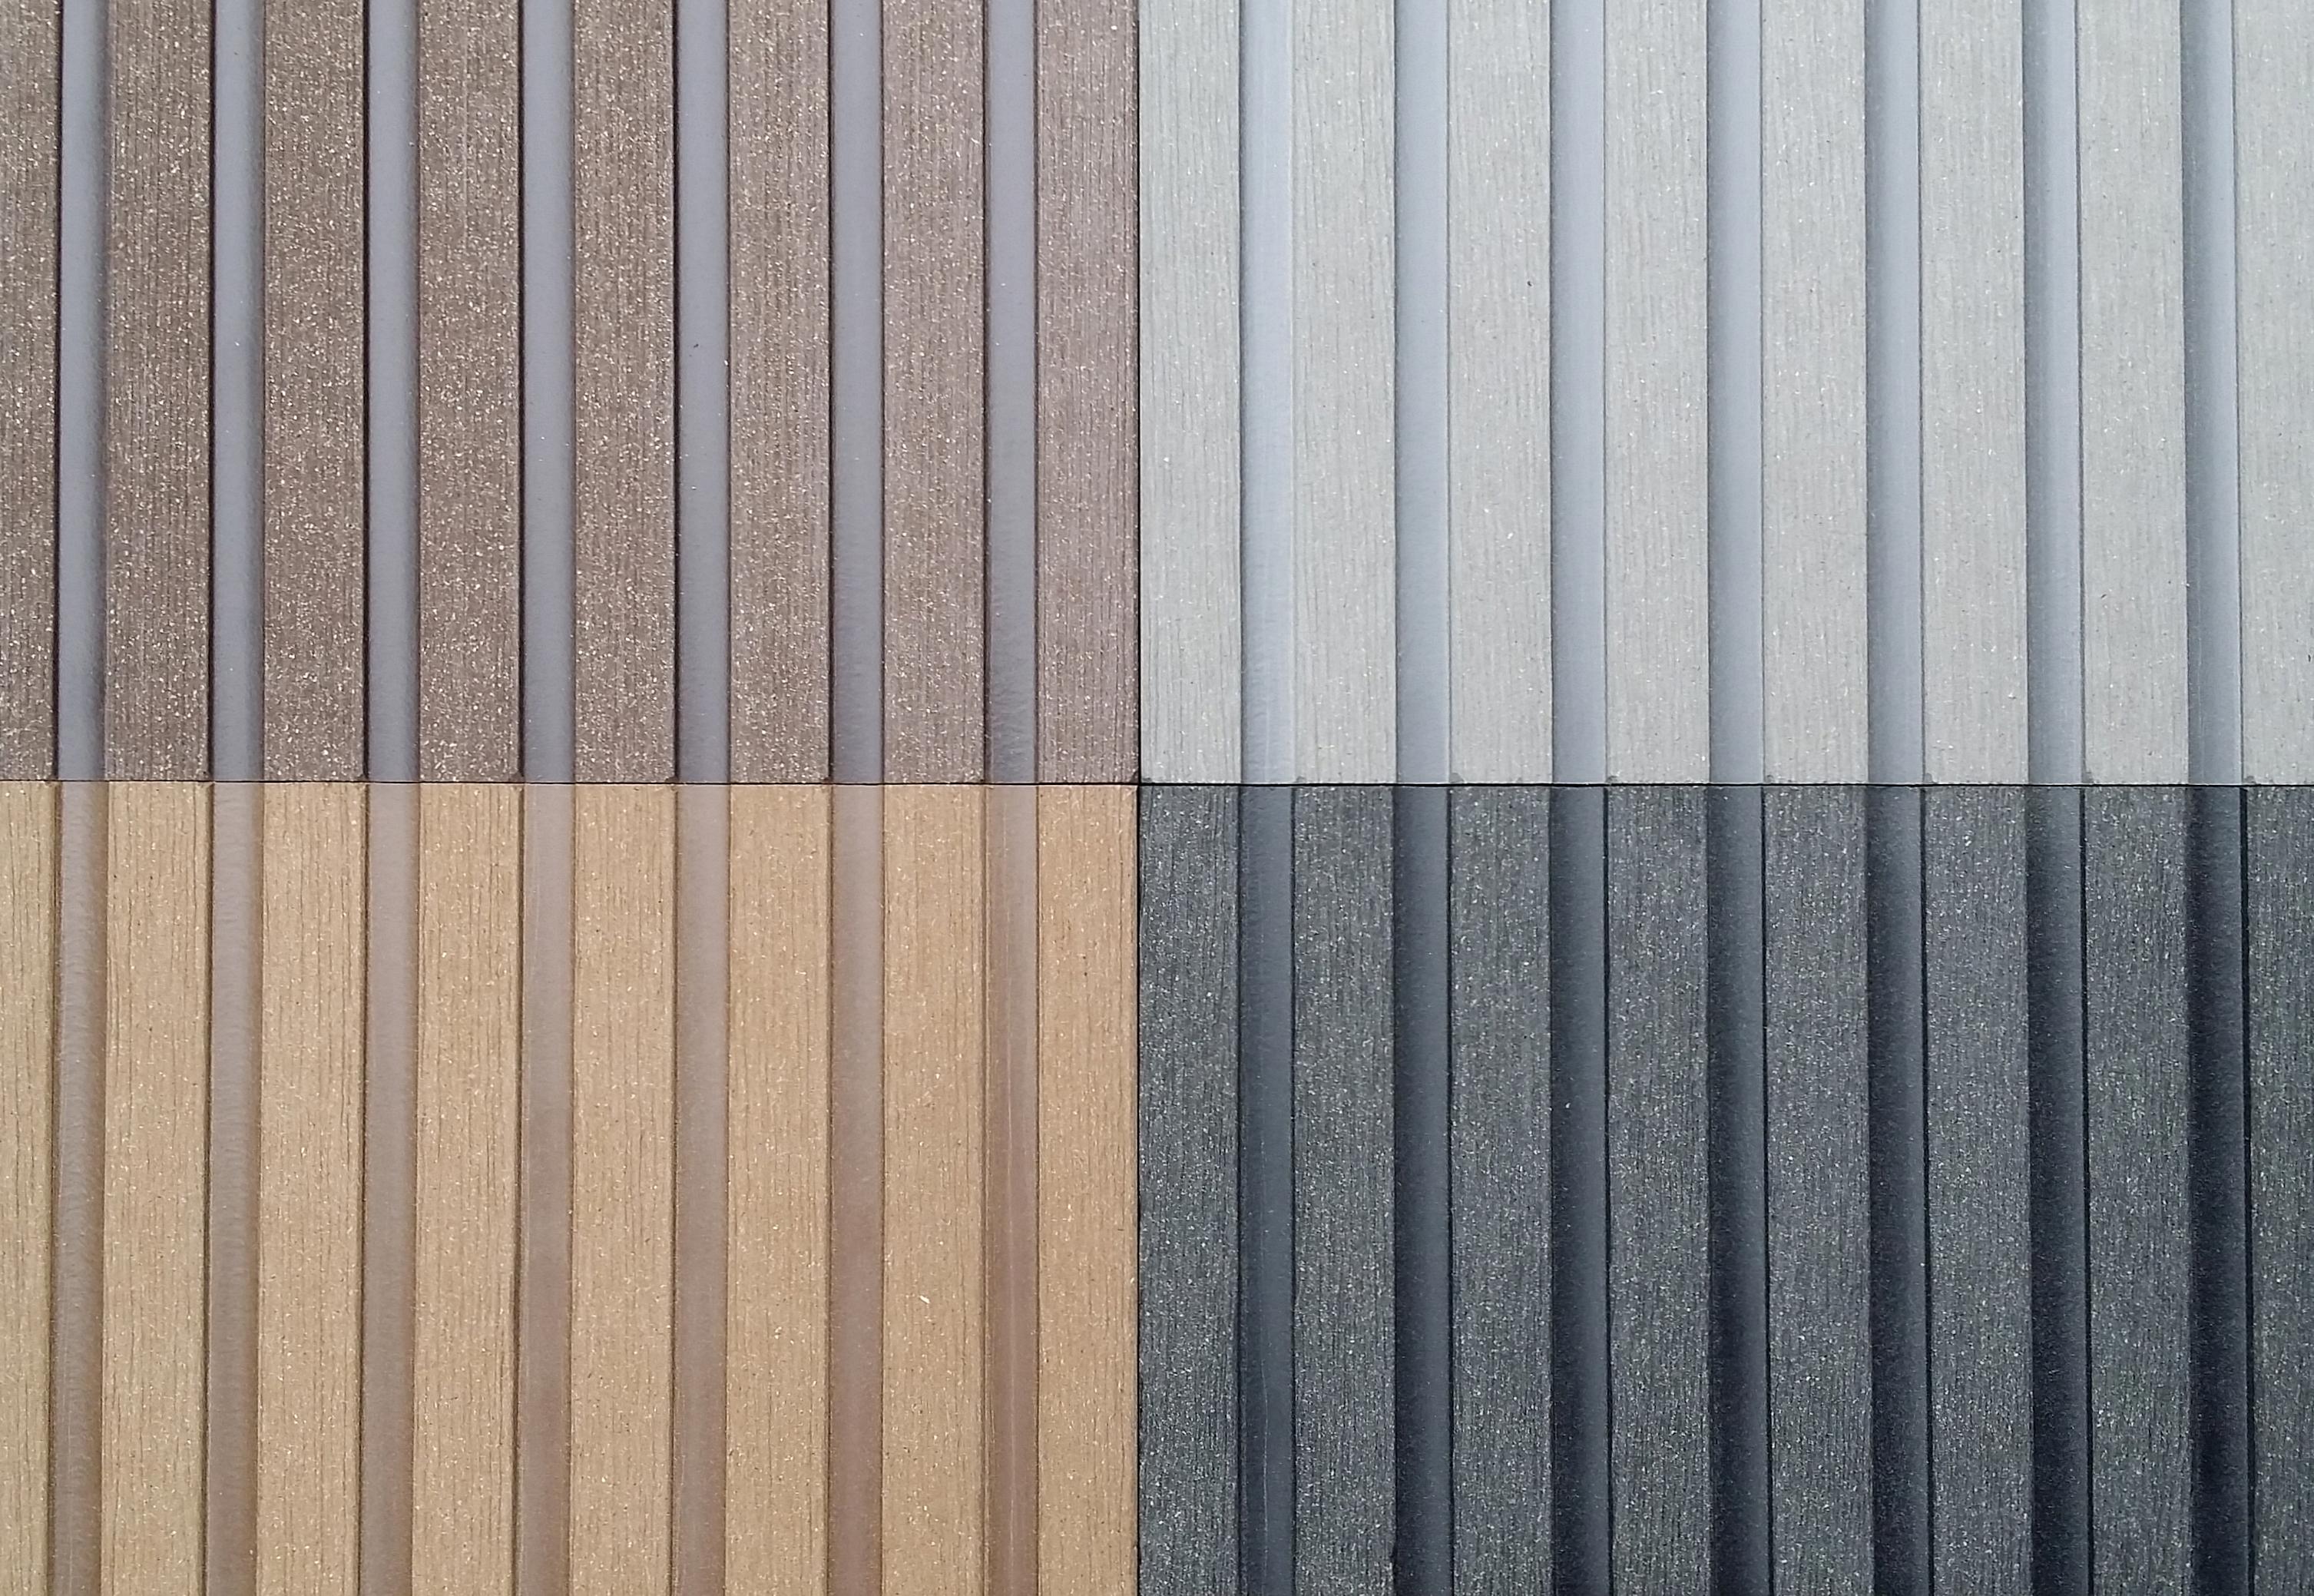 Tarasy Drewniane Deski Kompozytowe Ryflowane Timberness